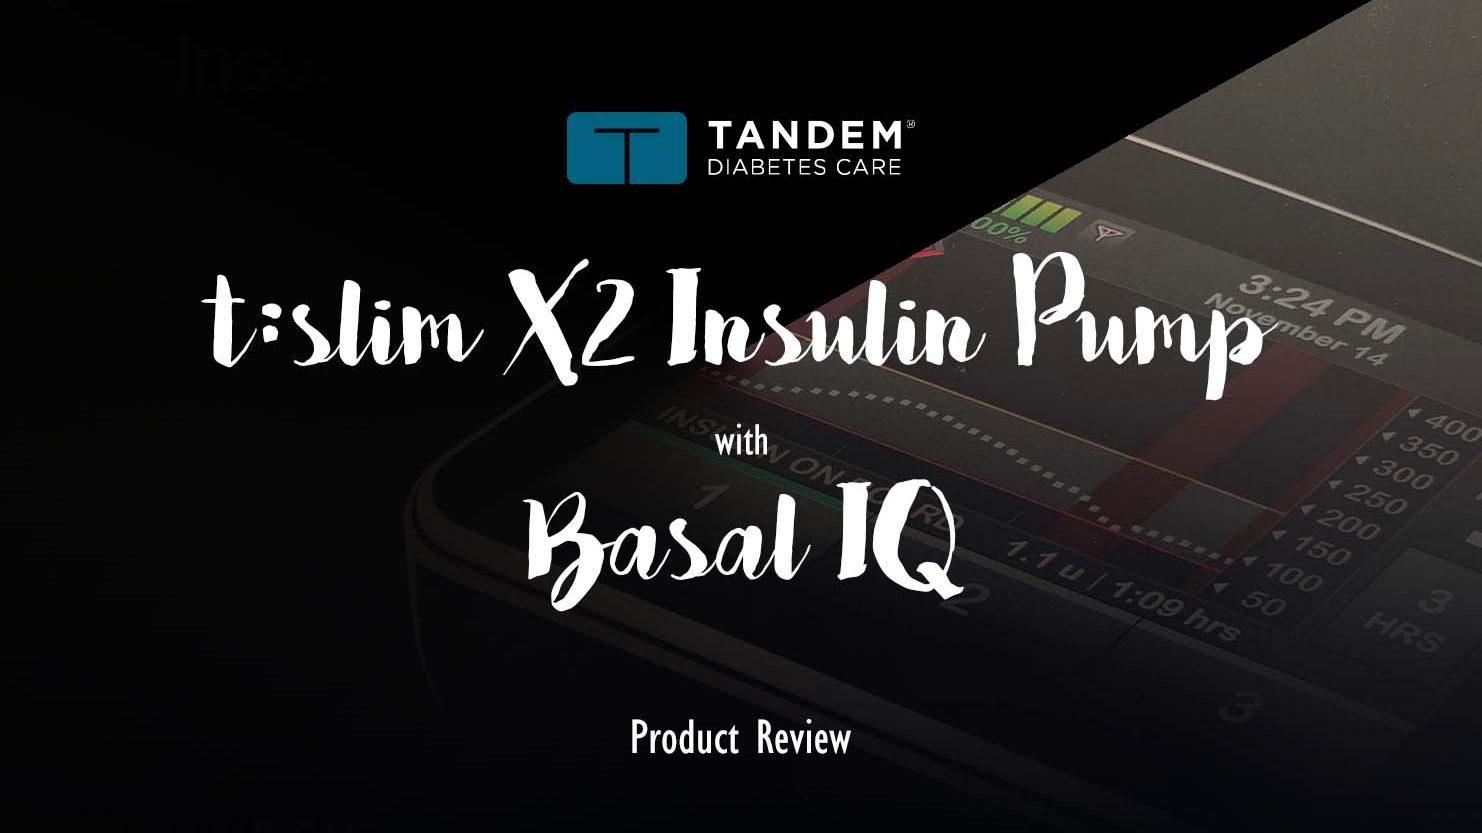 Tandem t:slim X2 Insulin Pump with Basal-IQ